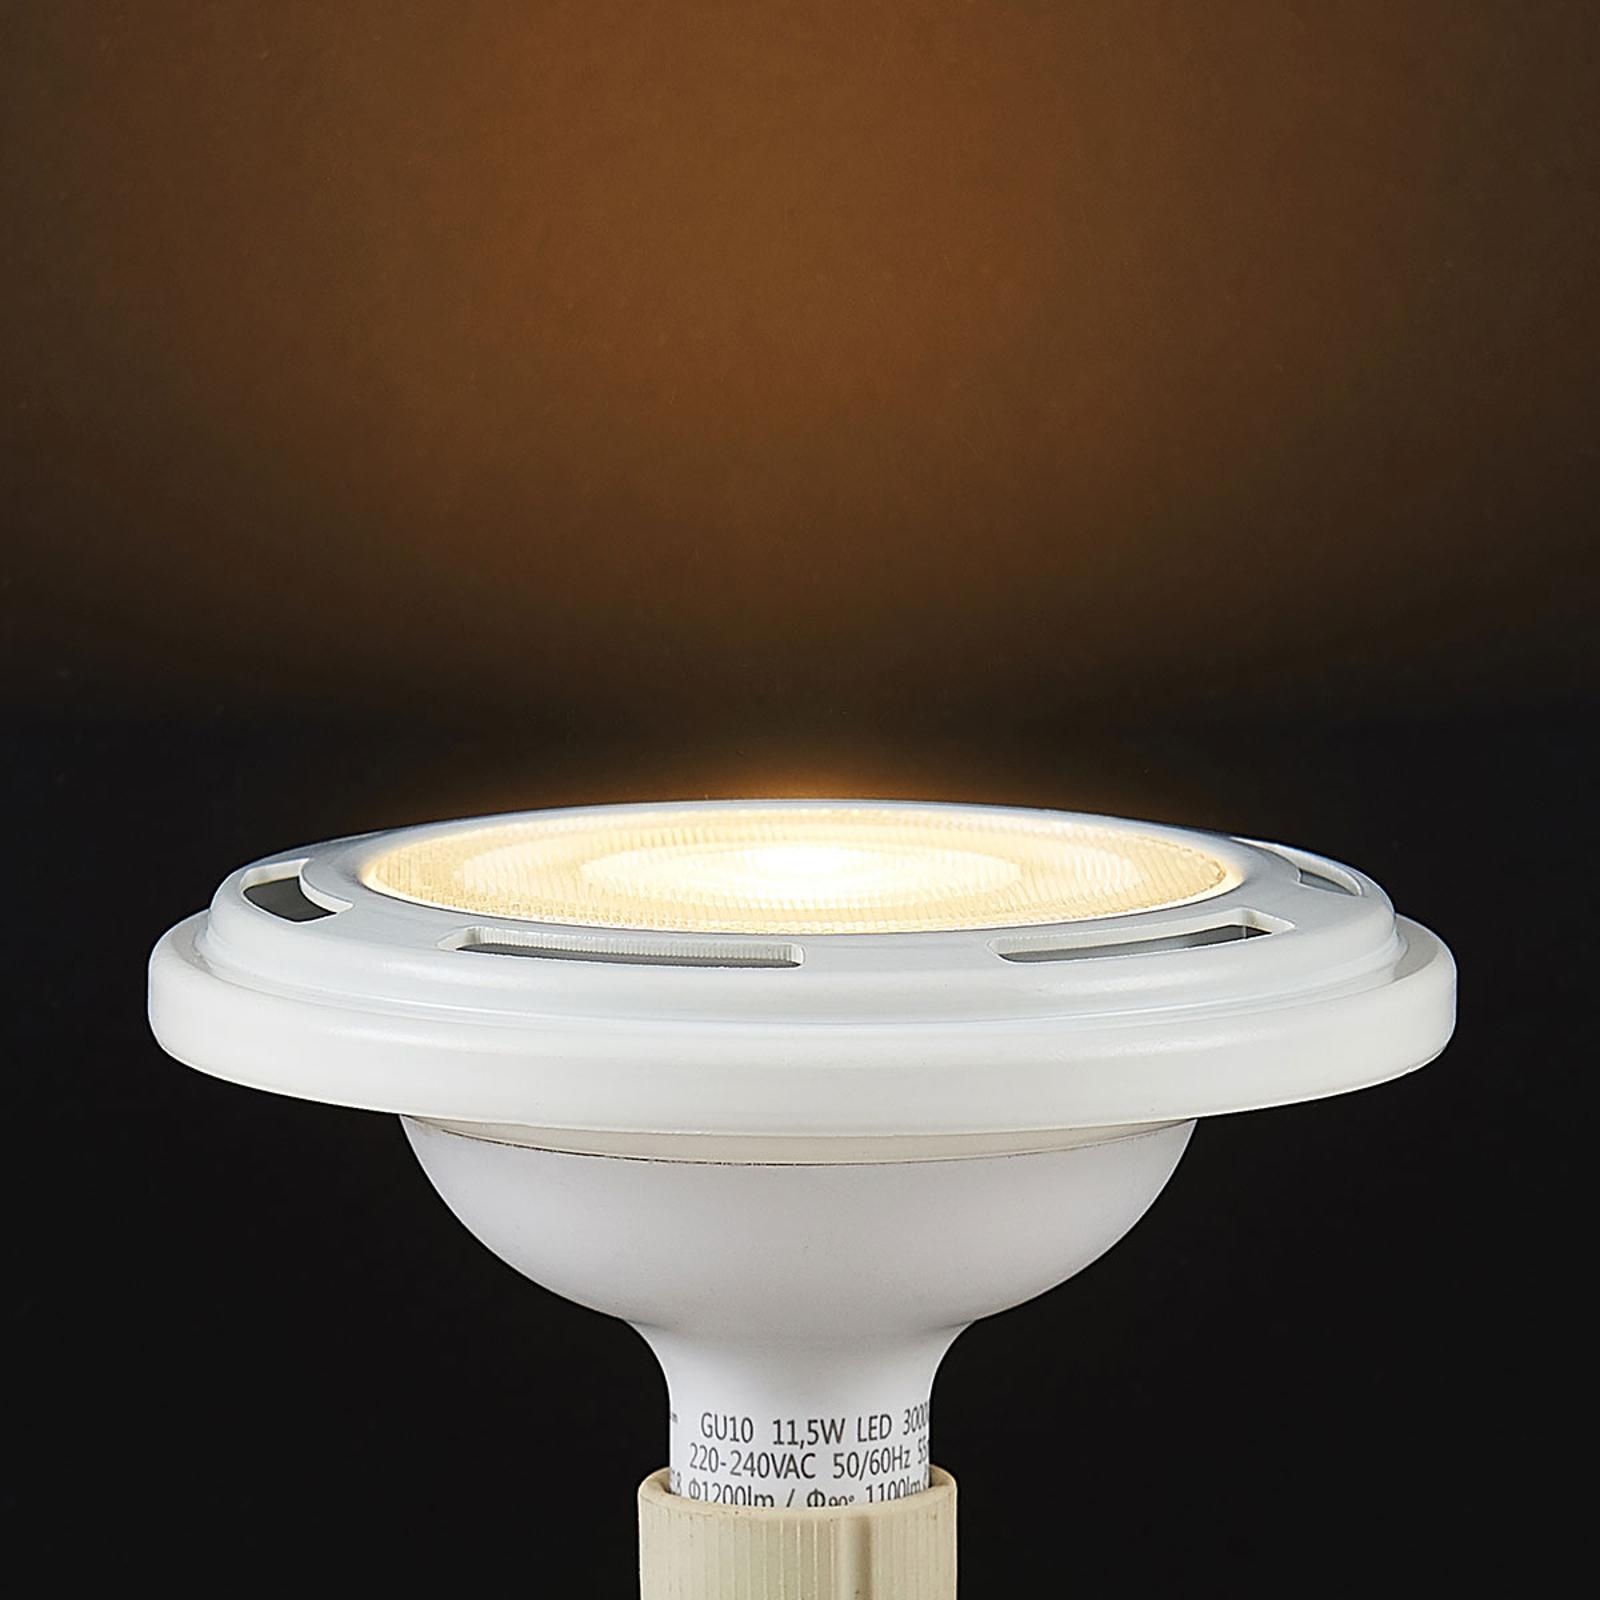 Reflektor LED GU10 ES111 11,5 W, 3000 K, biały